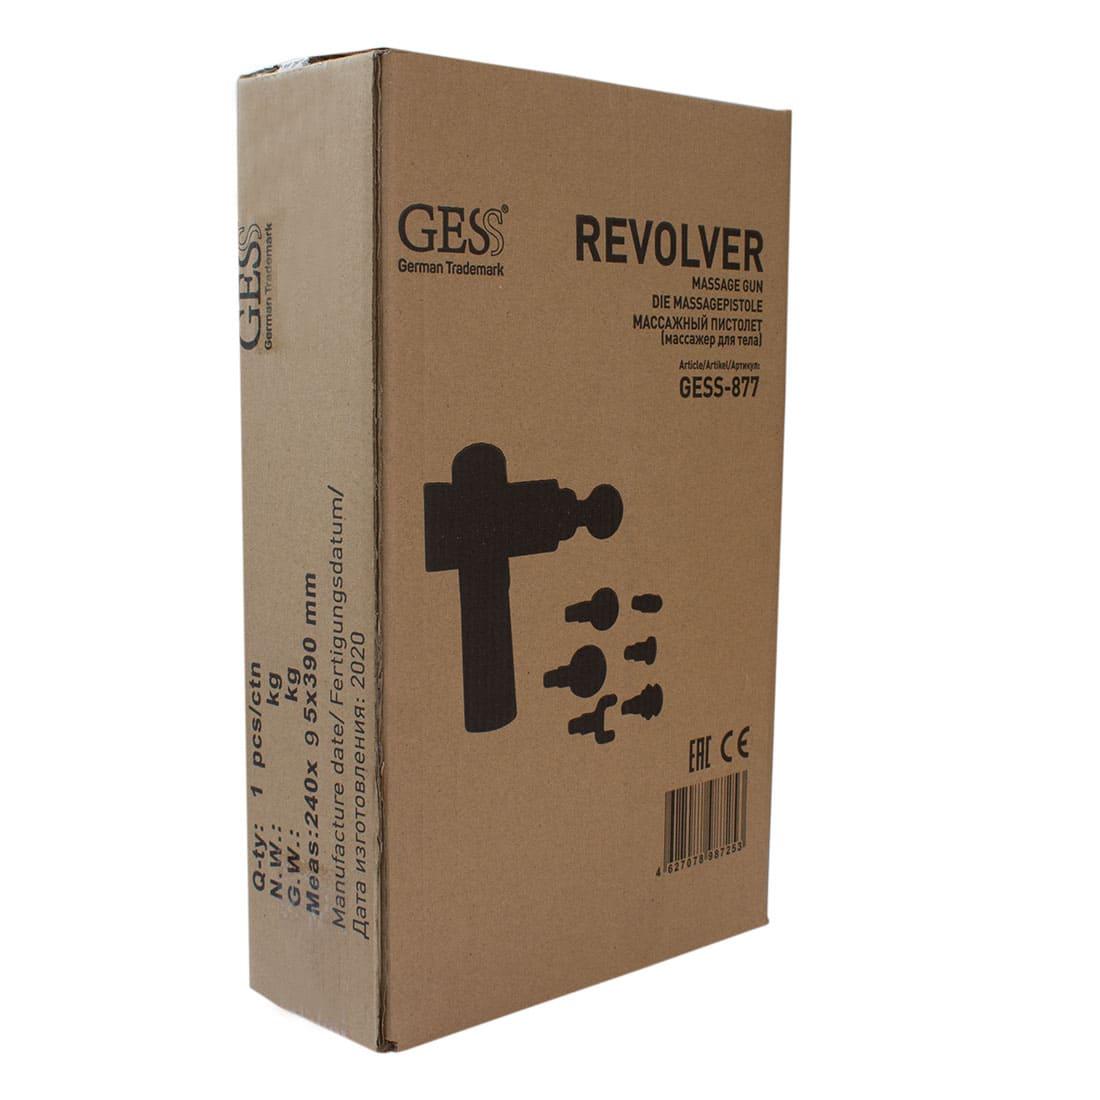 Massage gun GESS Revolver